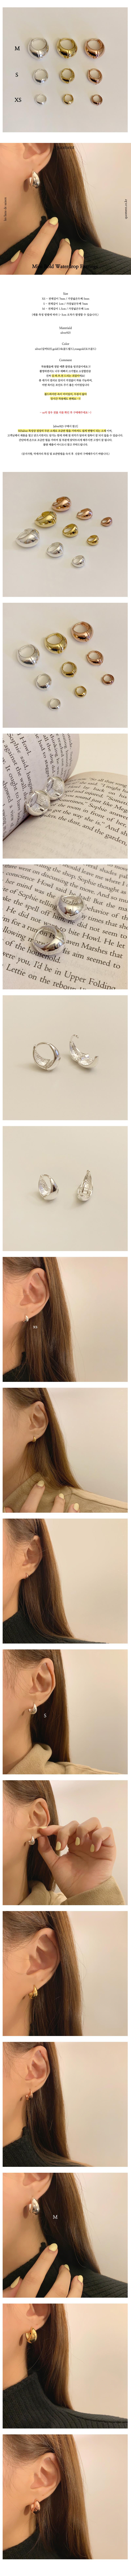 925실버 미니 볼드 물방울 원터치 링귀걸이 (한쌍발송) - 쿼먼트, 14,900원, 실버, 링귀걸이